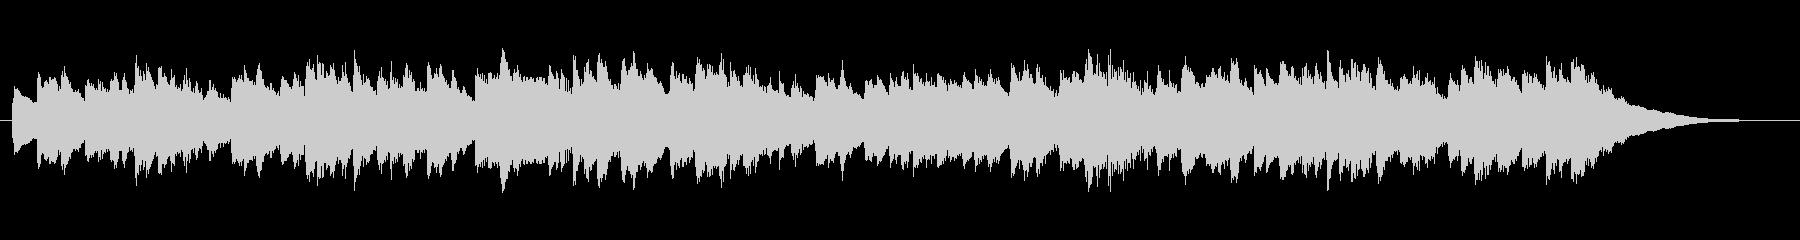 カノン/オルゴールの未再生の波形